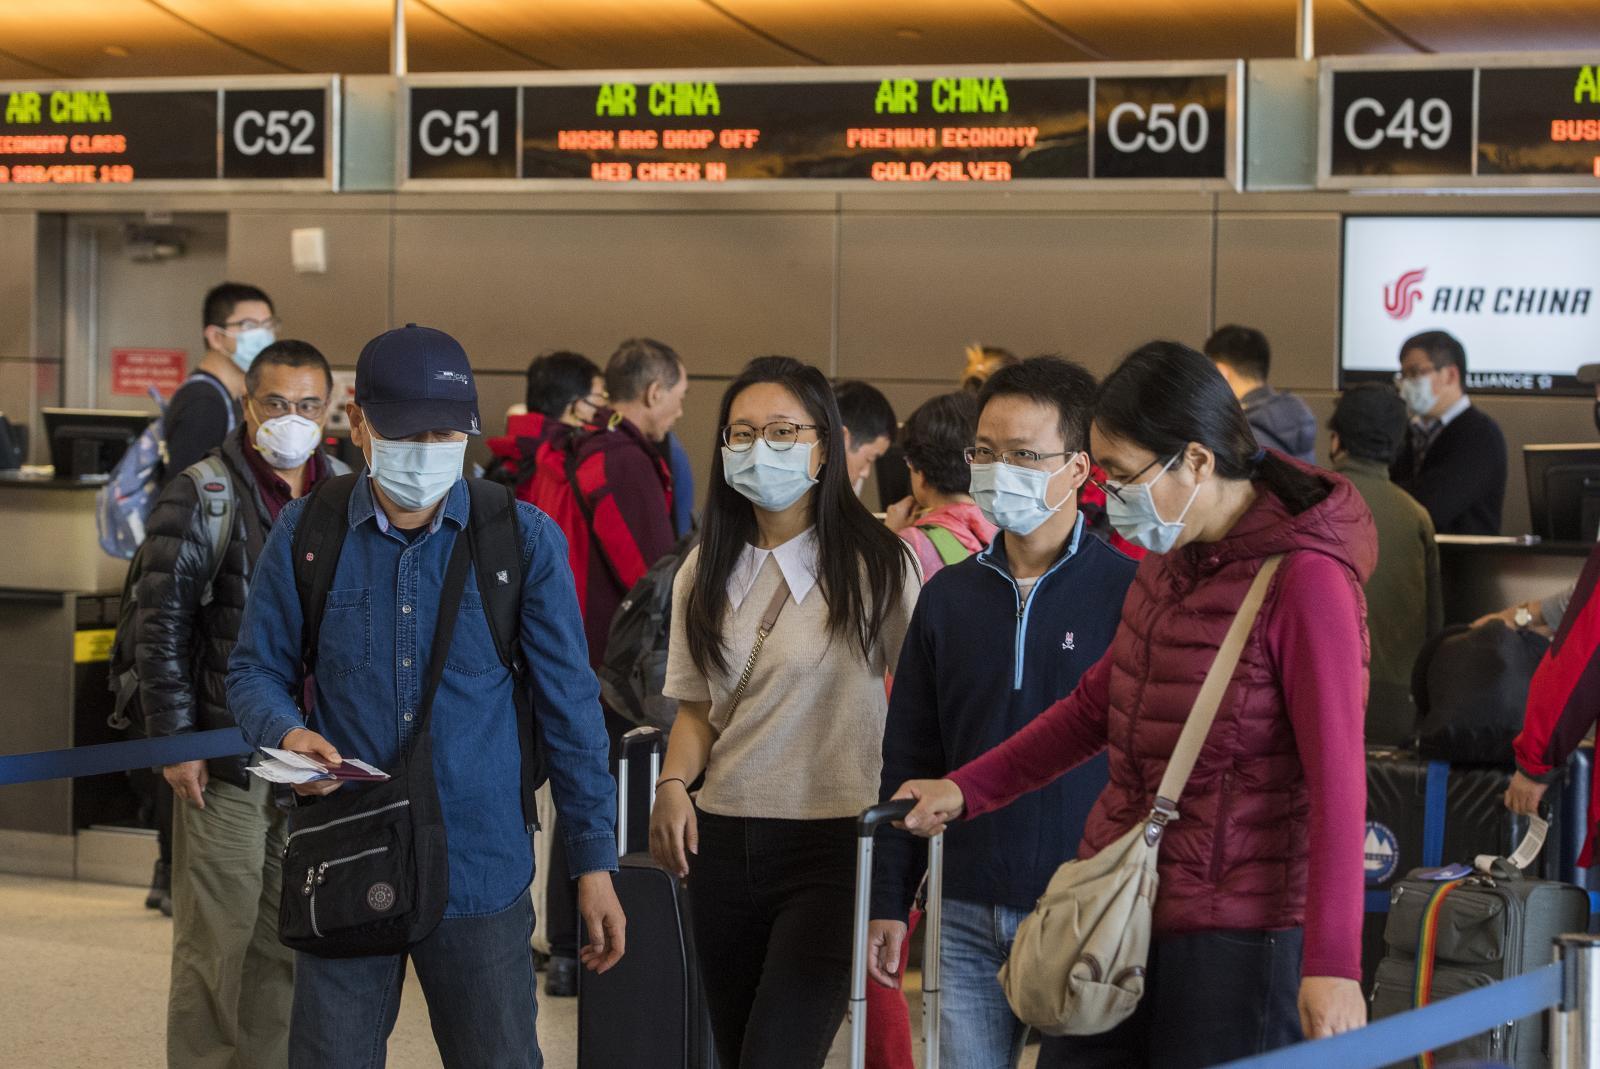 """สหรัฐฯ พบผู้ติดเชื้อ """"ไวรัสโคโรนา"""" จากคนสู่คนรายที่ 2"""